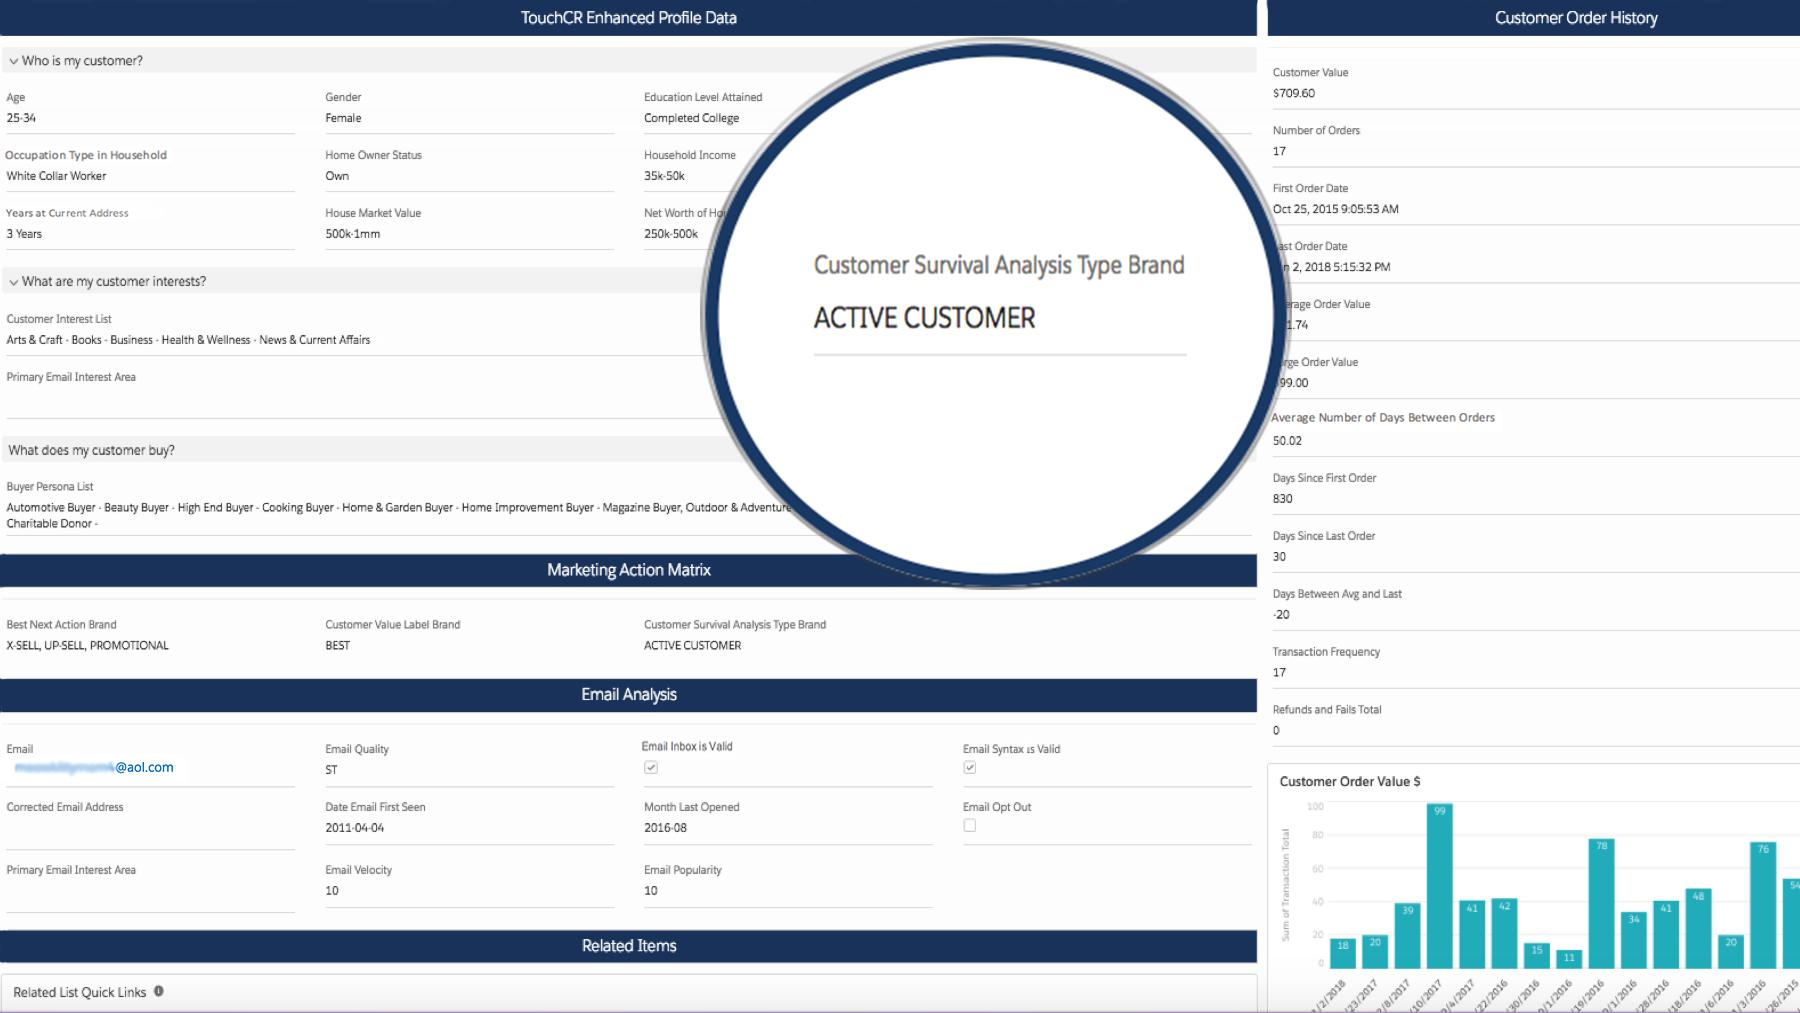 Customer Survival Analysis Type